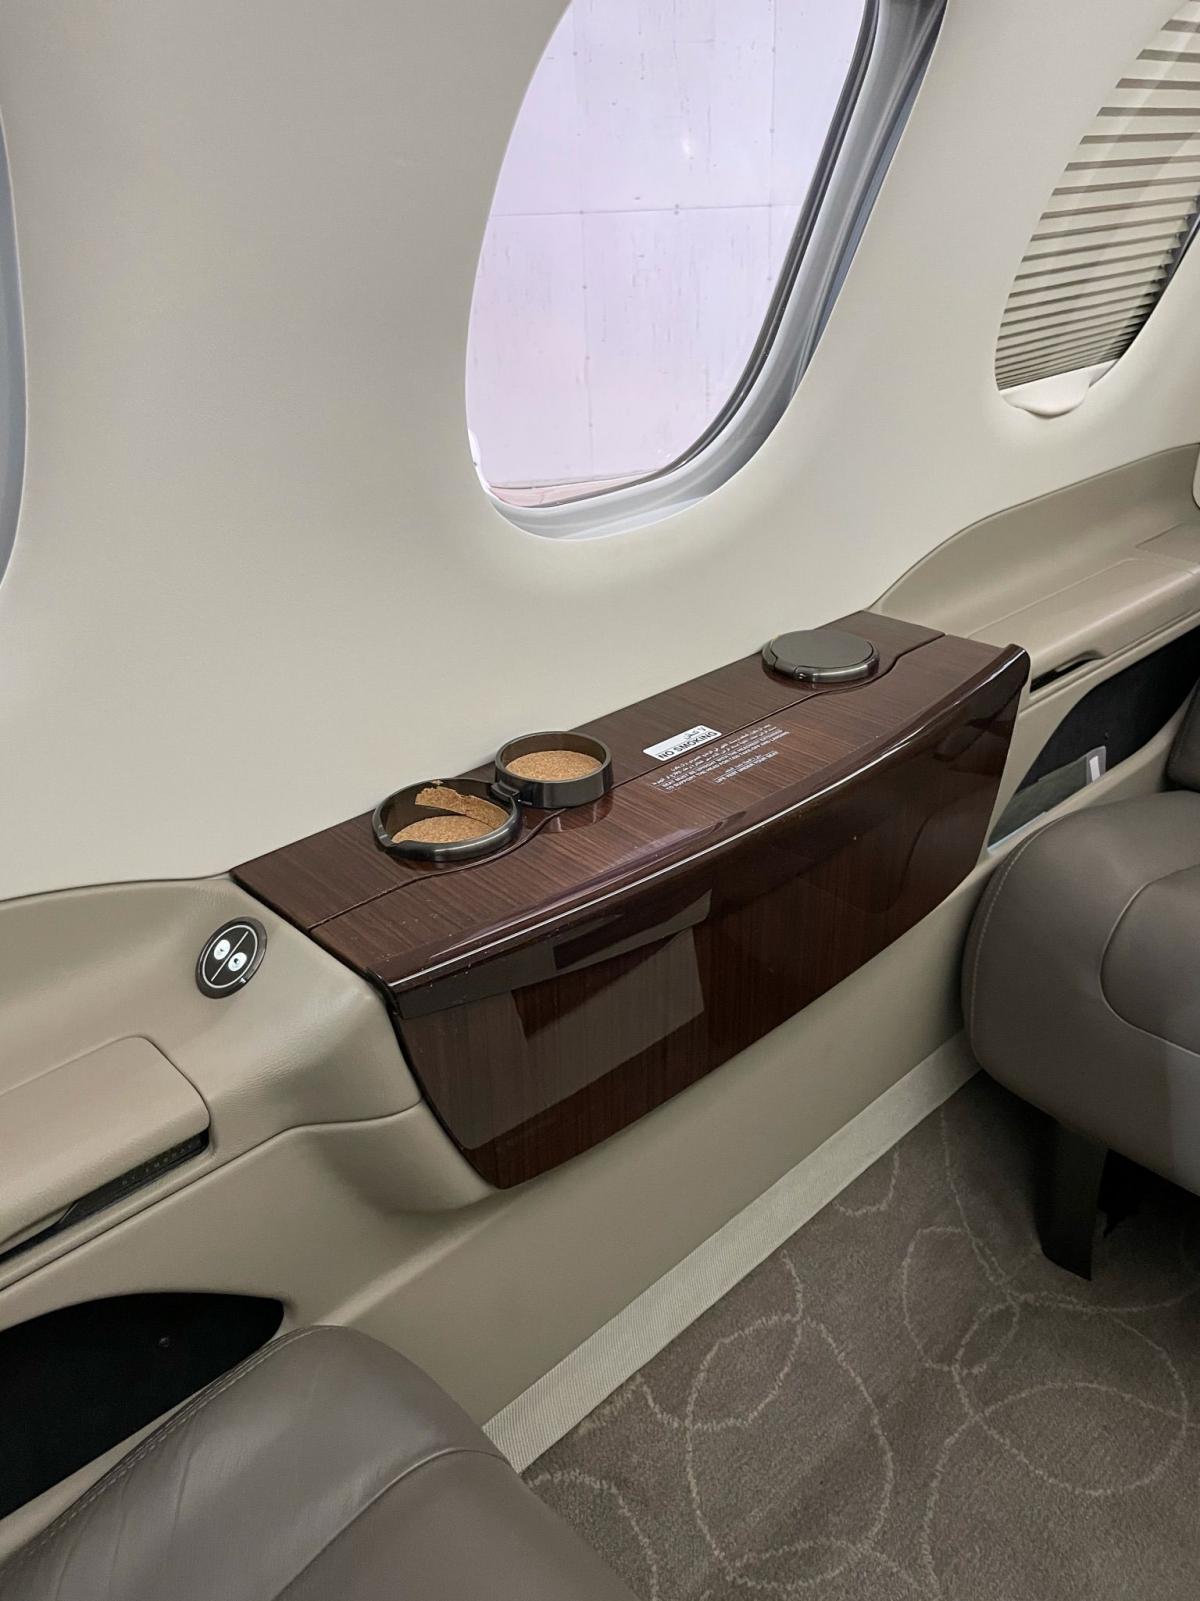 2016 Embraer Phenom 100E Photo 4